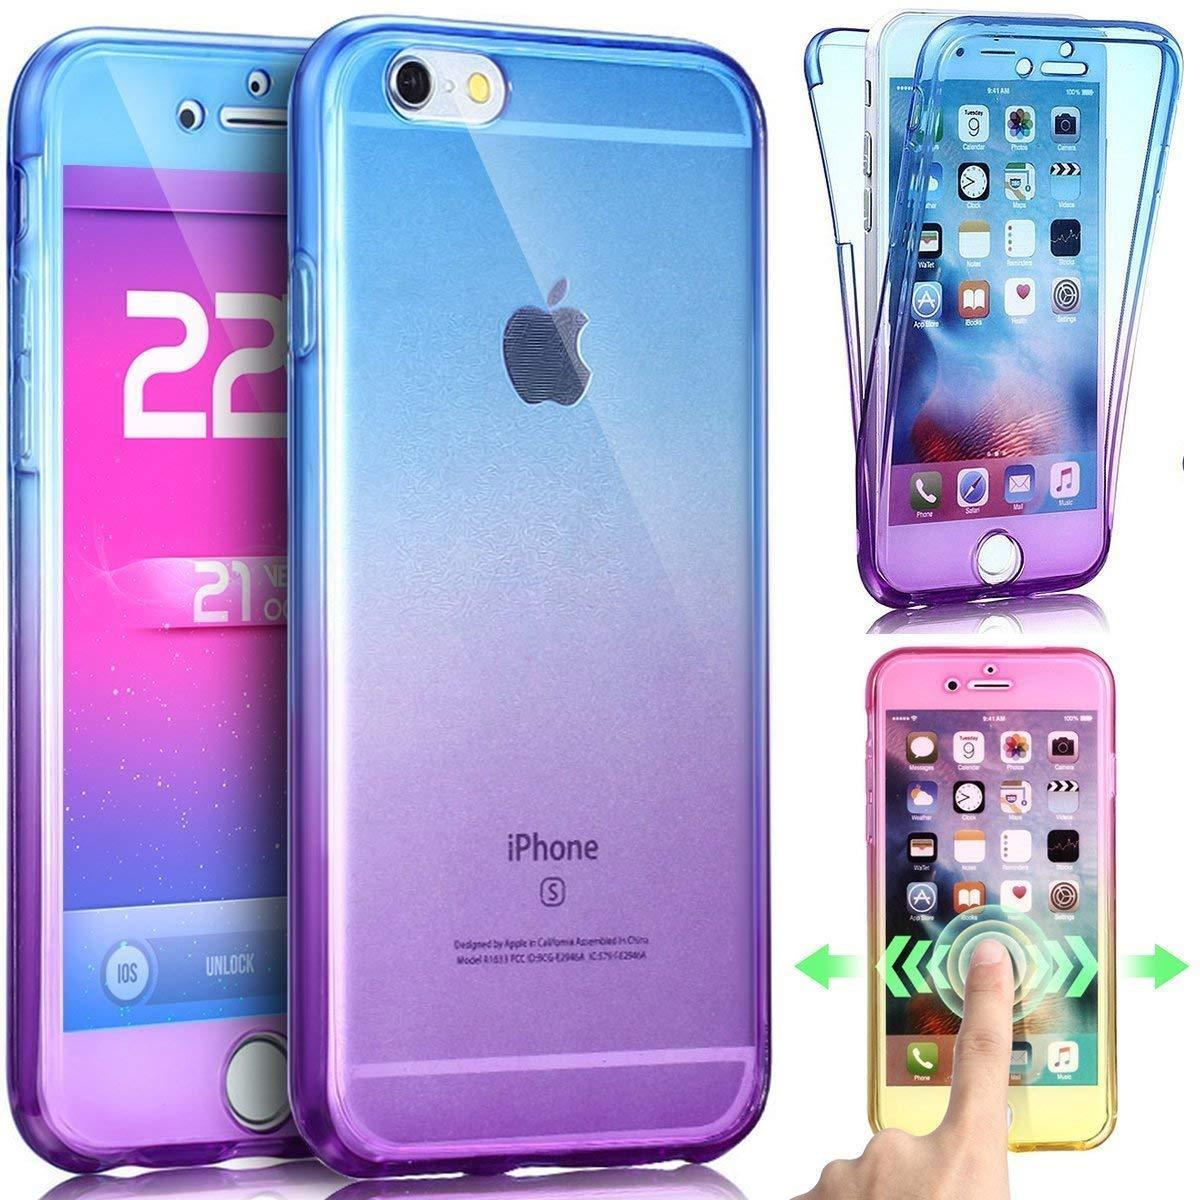 Les meilleures coques iPhone 5, 5S et SE : classement comparatif ...